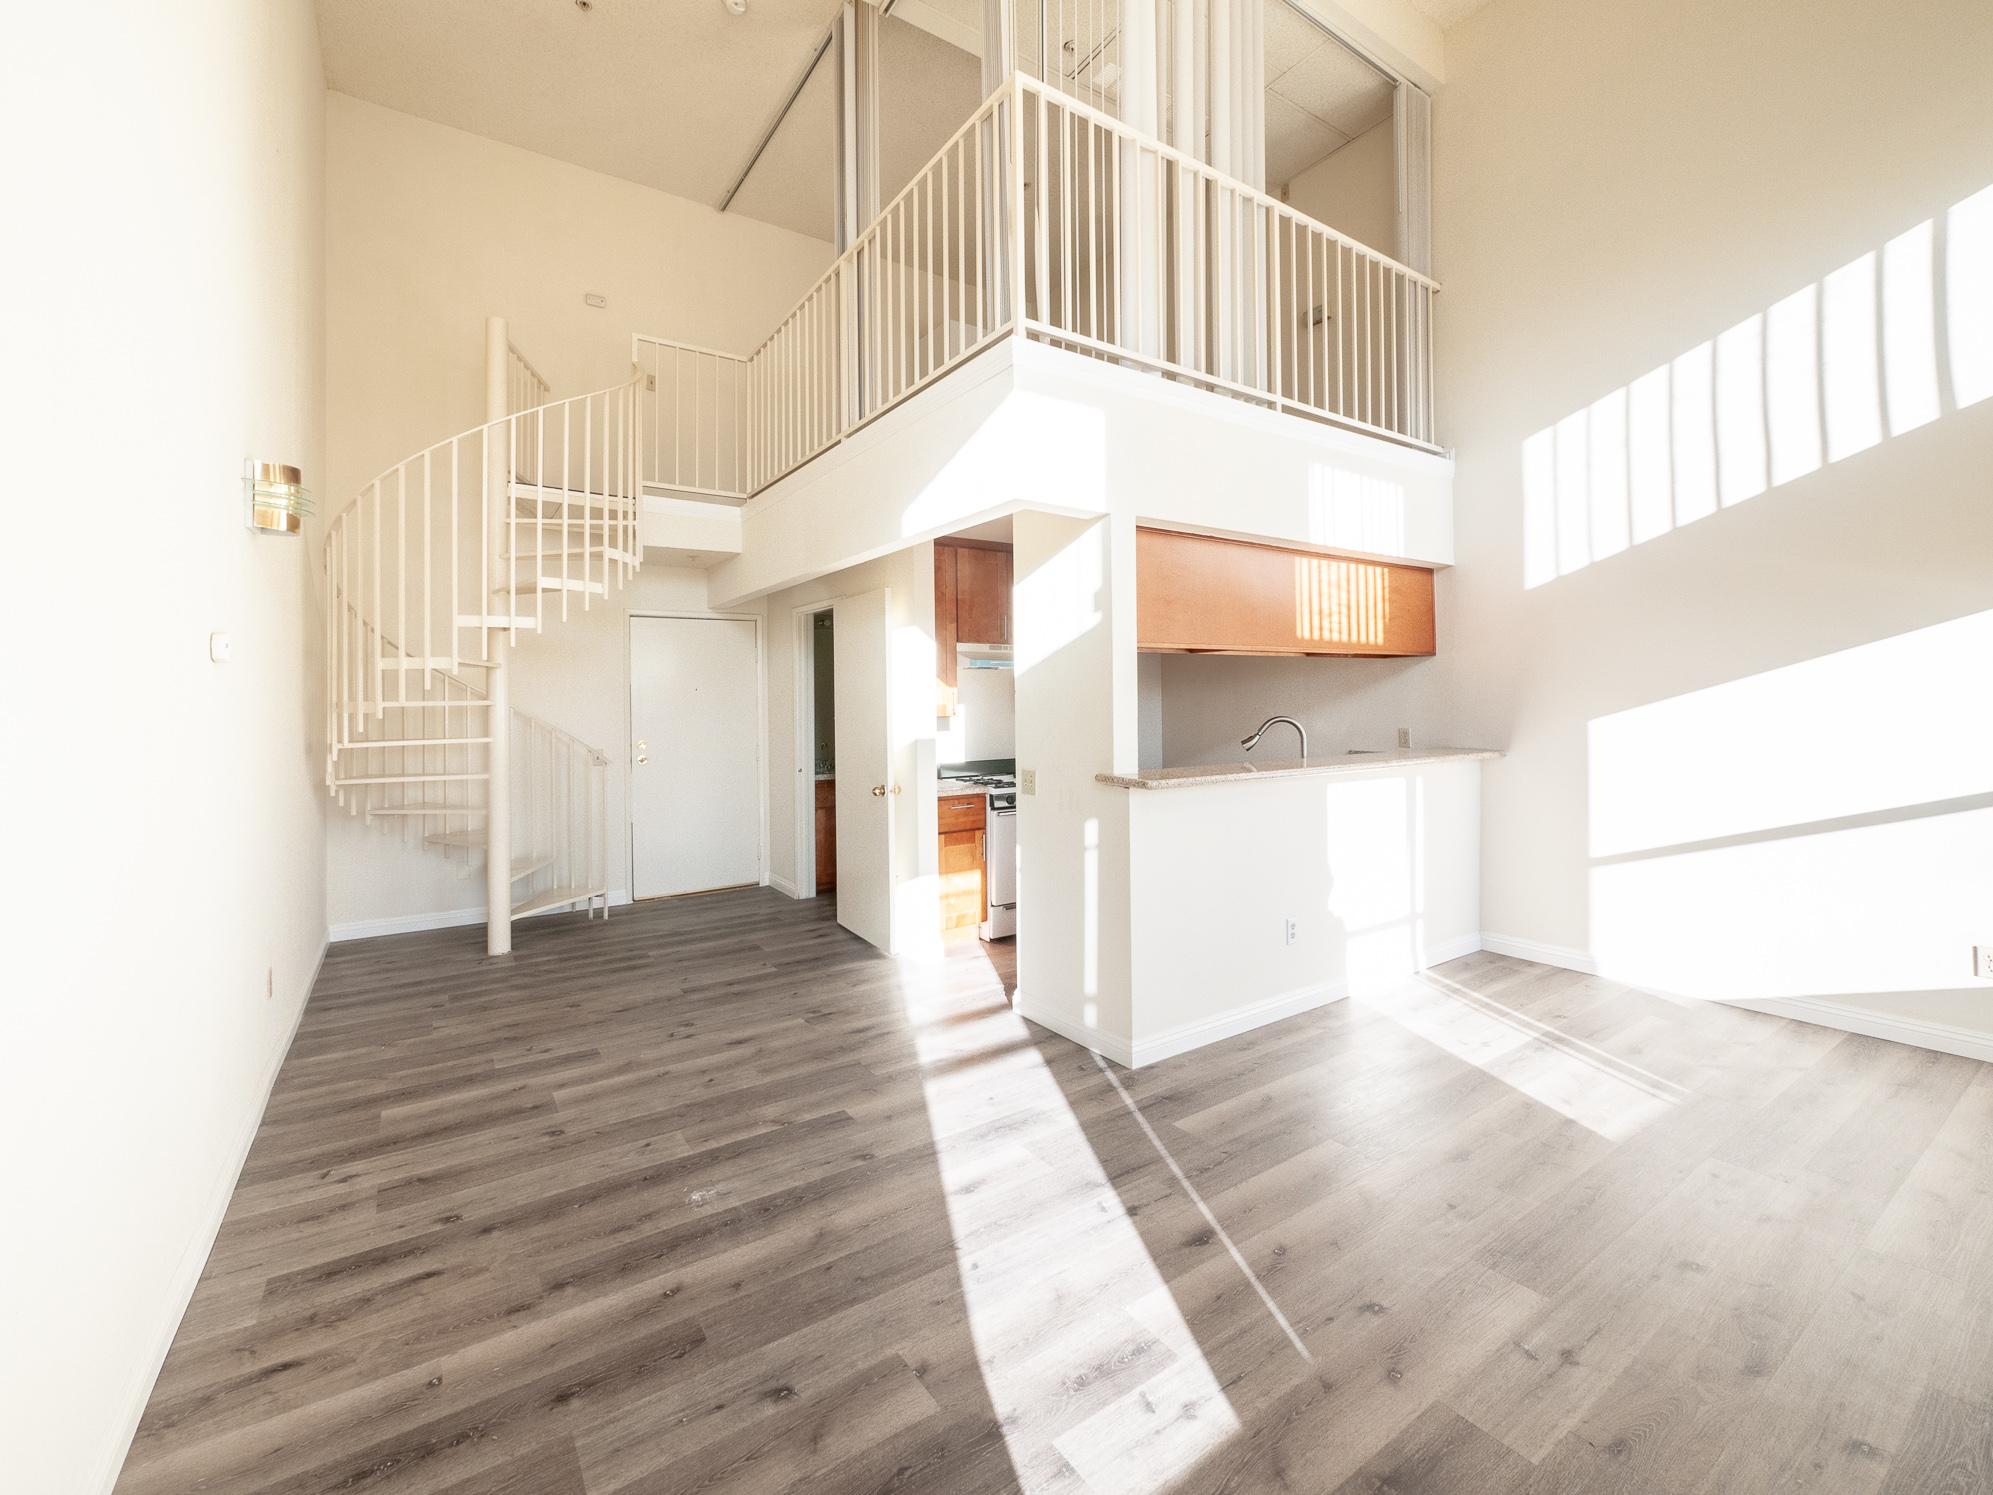 Studio/Loft- Atrium Ceilings - Double Height Windows- Central Air- 2 Parking Spots!